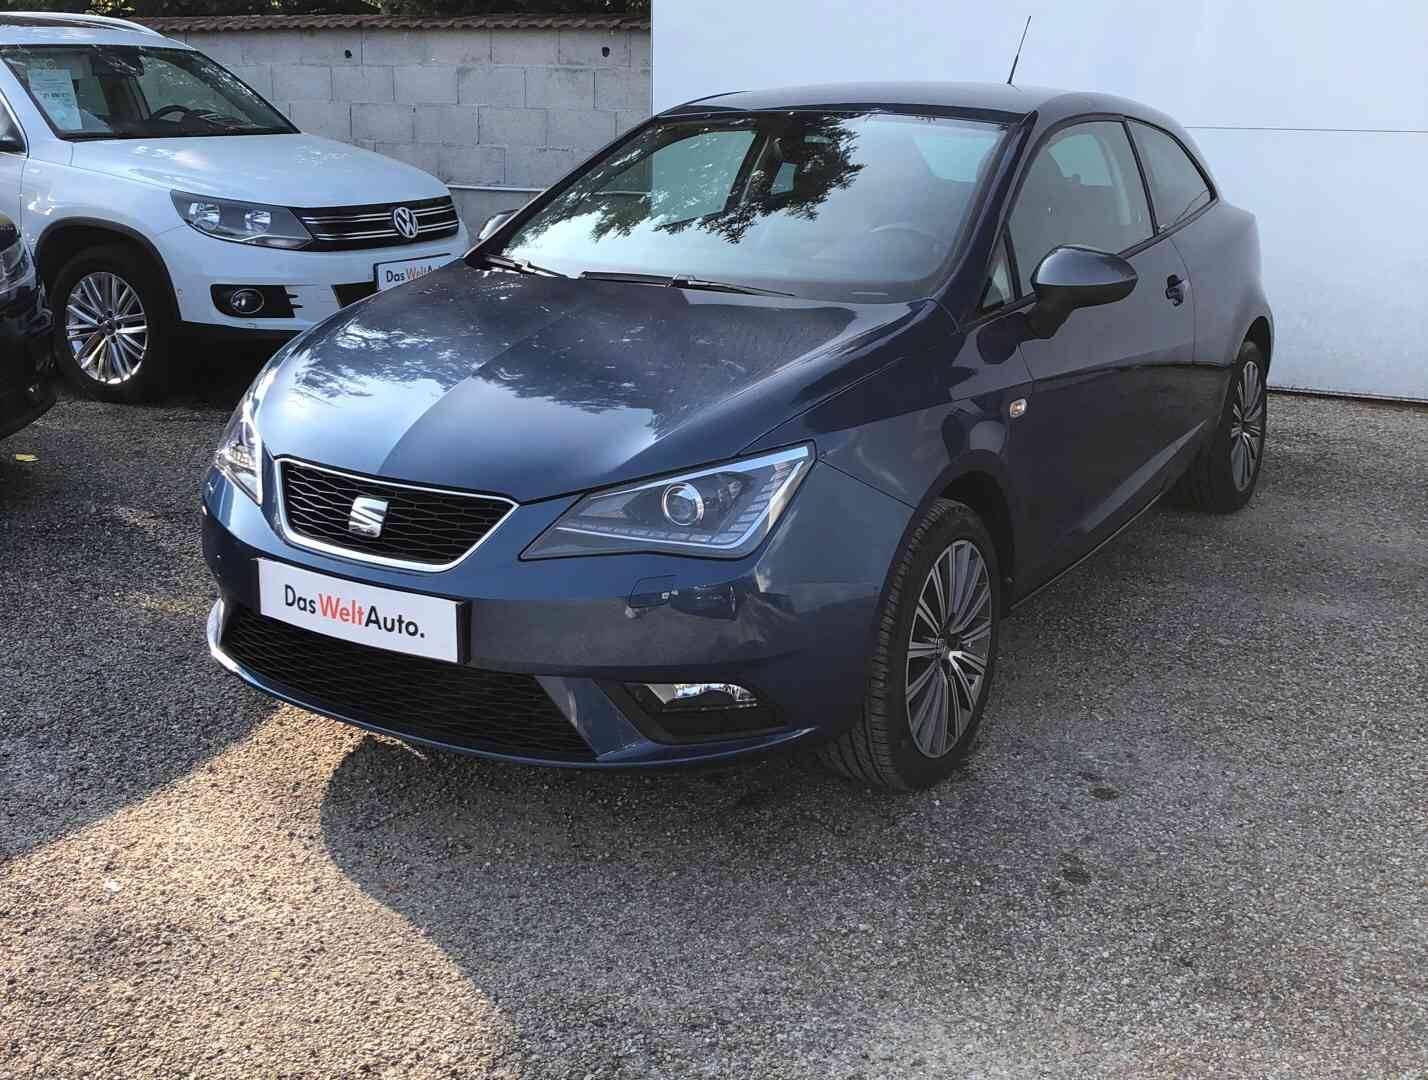 2 - Ibiza SC 1.4 TDI 90 ch